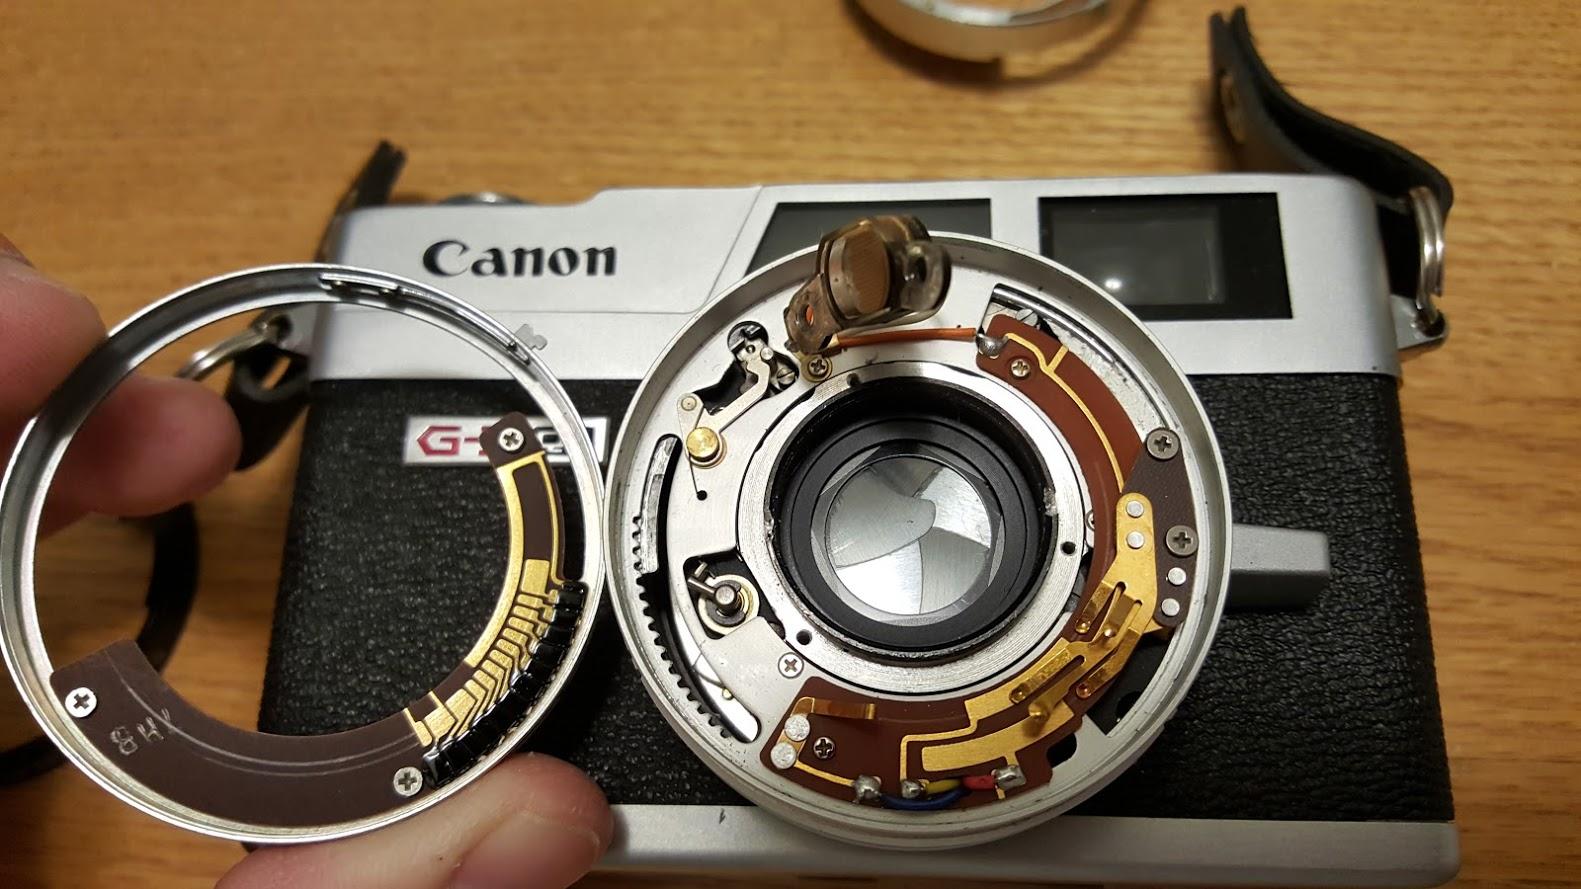 canonet ql19 repair manual